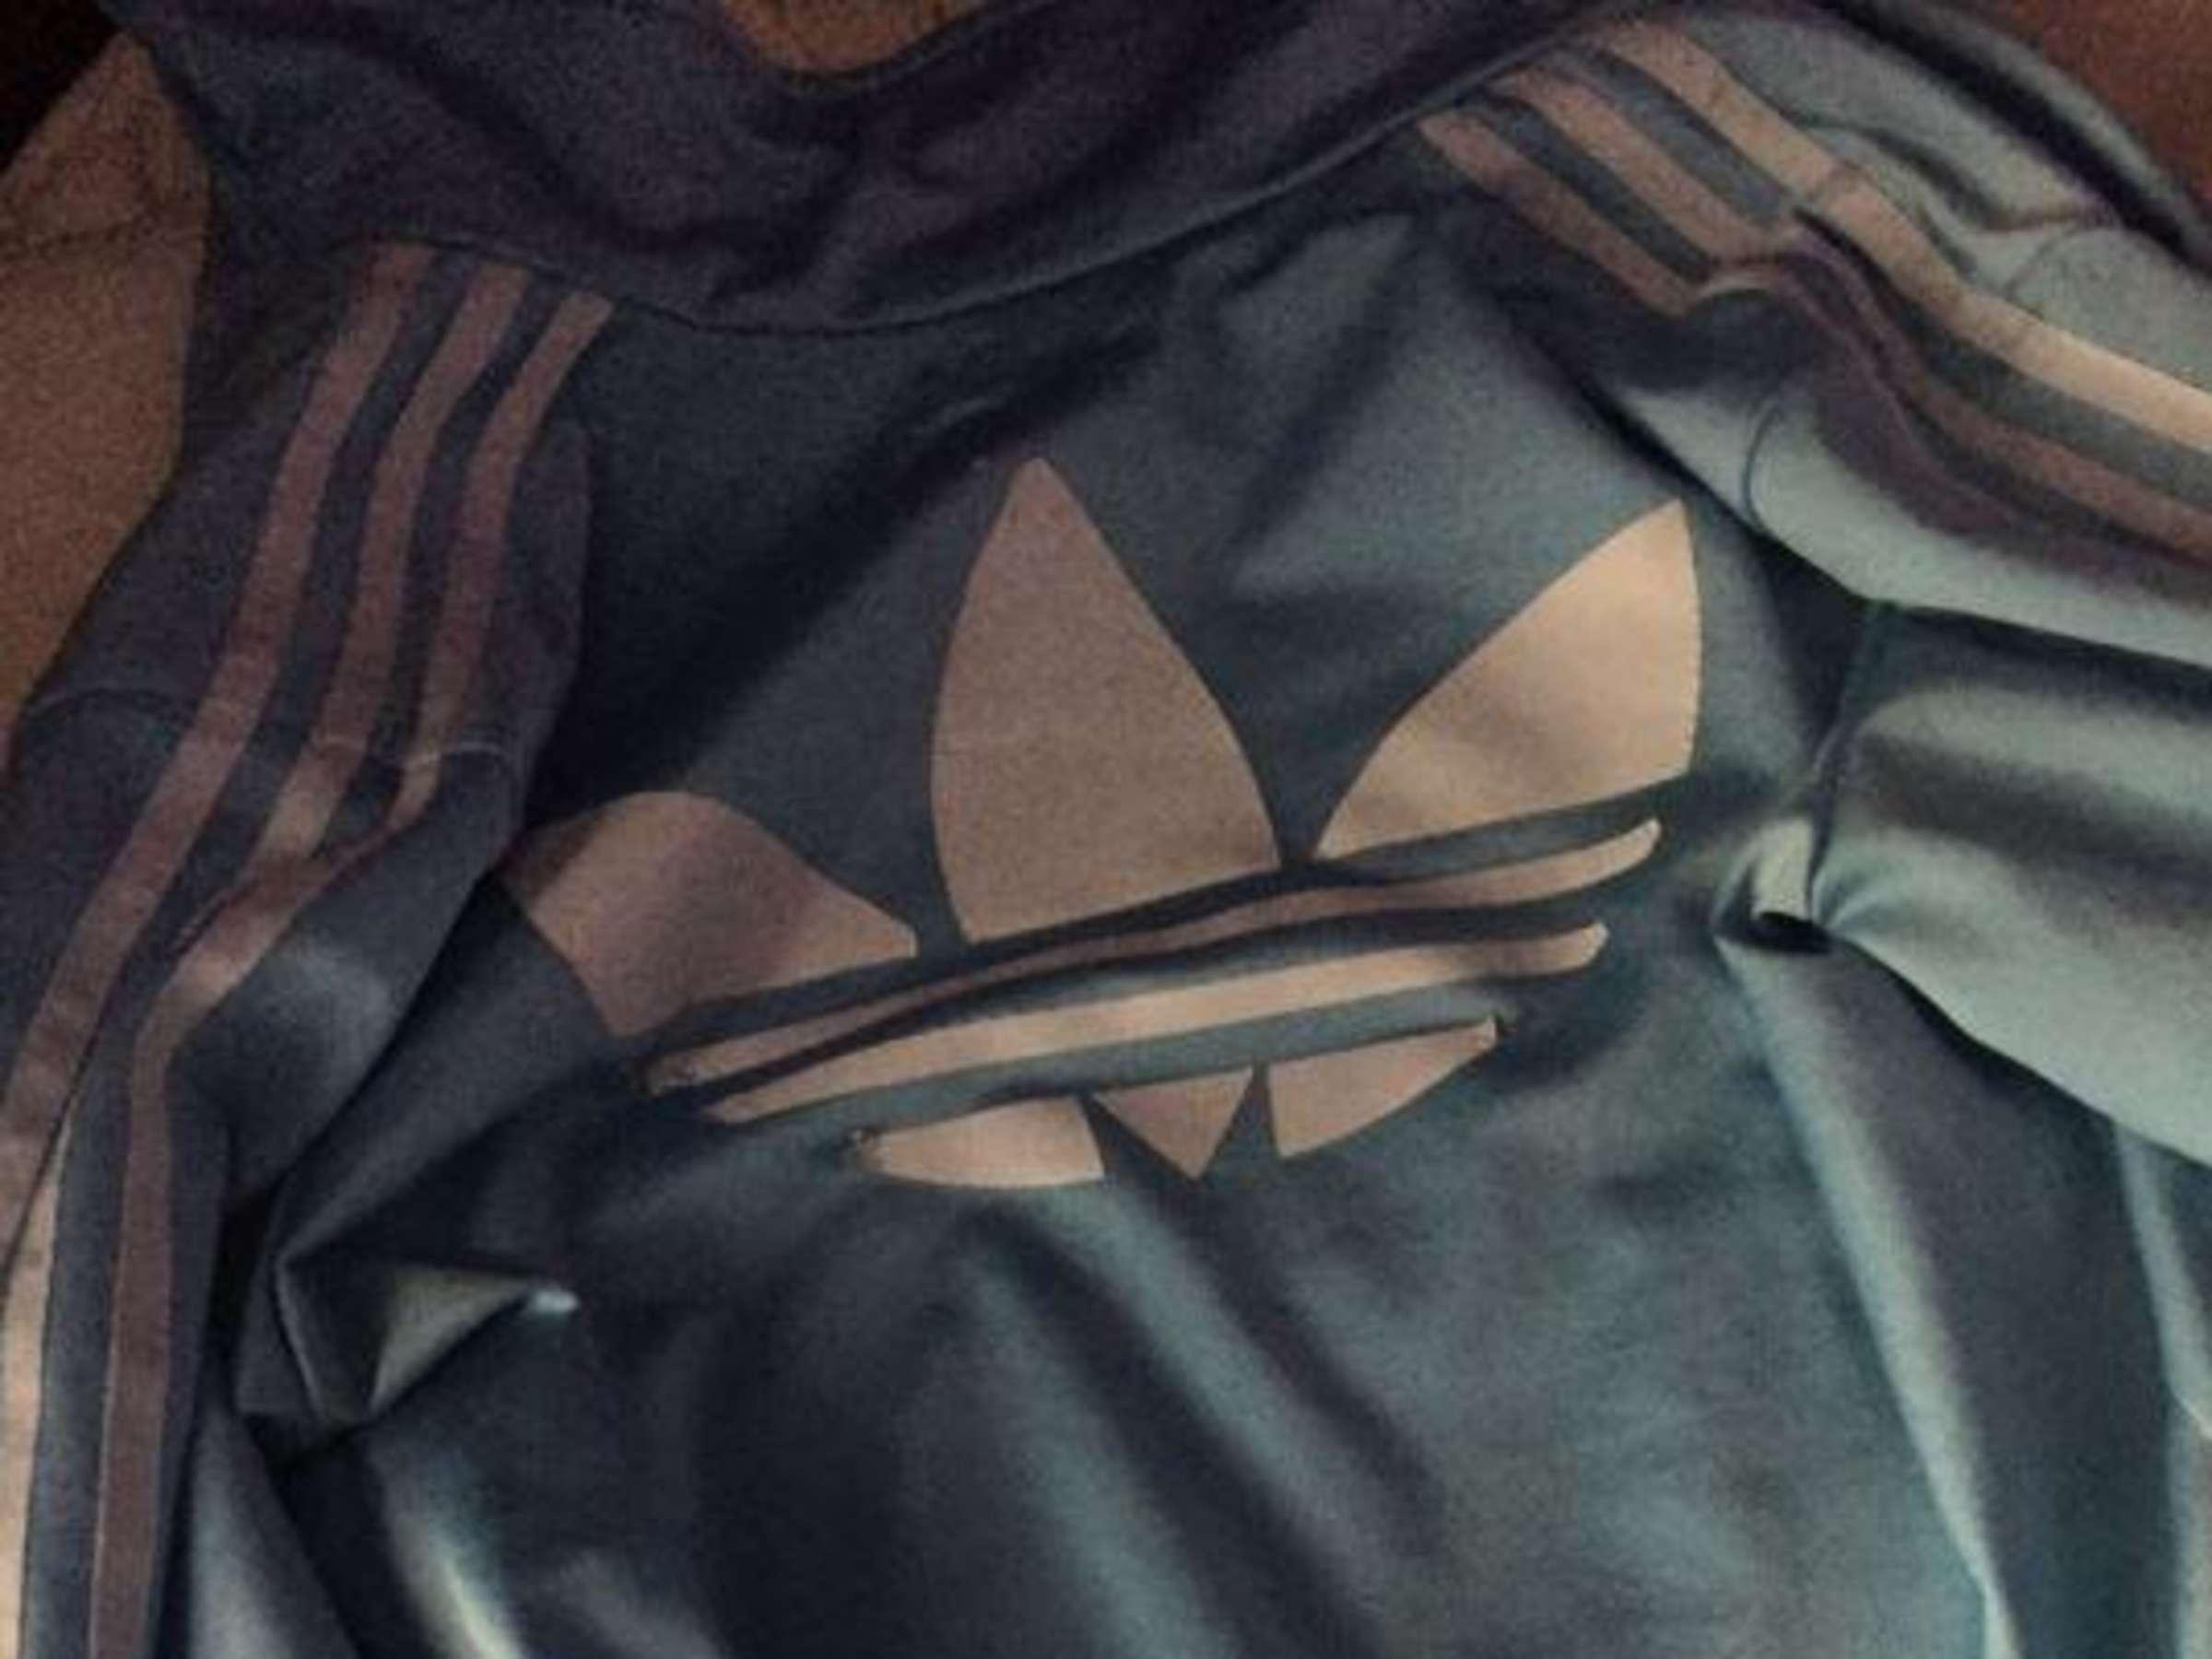 strittige ansichtssache: welche farbe hat diese jacke